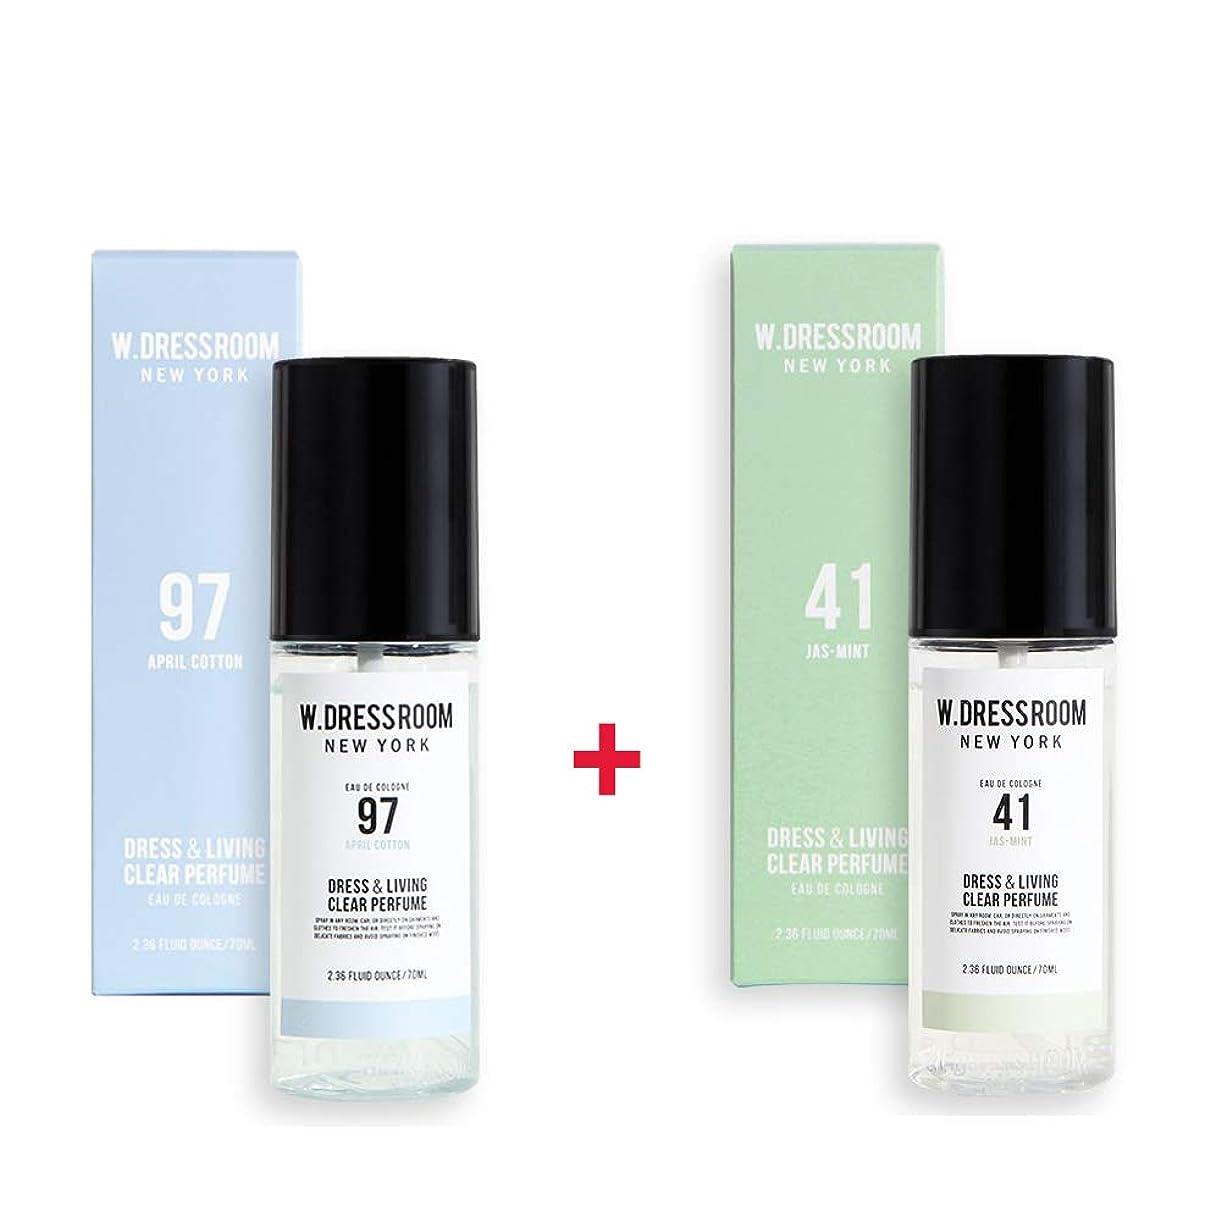 贅沢力強いコンデンサーW.DRESSROOM Dress & Living Clear Perfume 70ml (No 97 April Cotton)+(No 41 Jas-Mint)